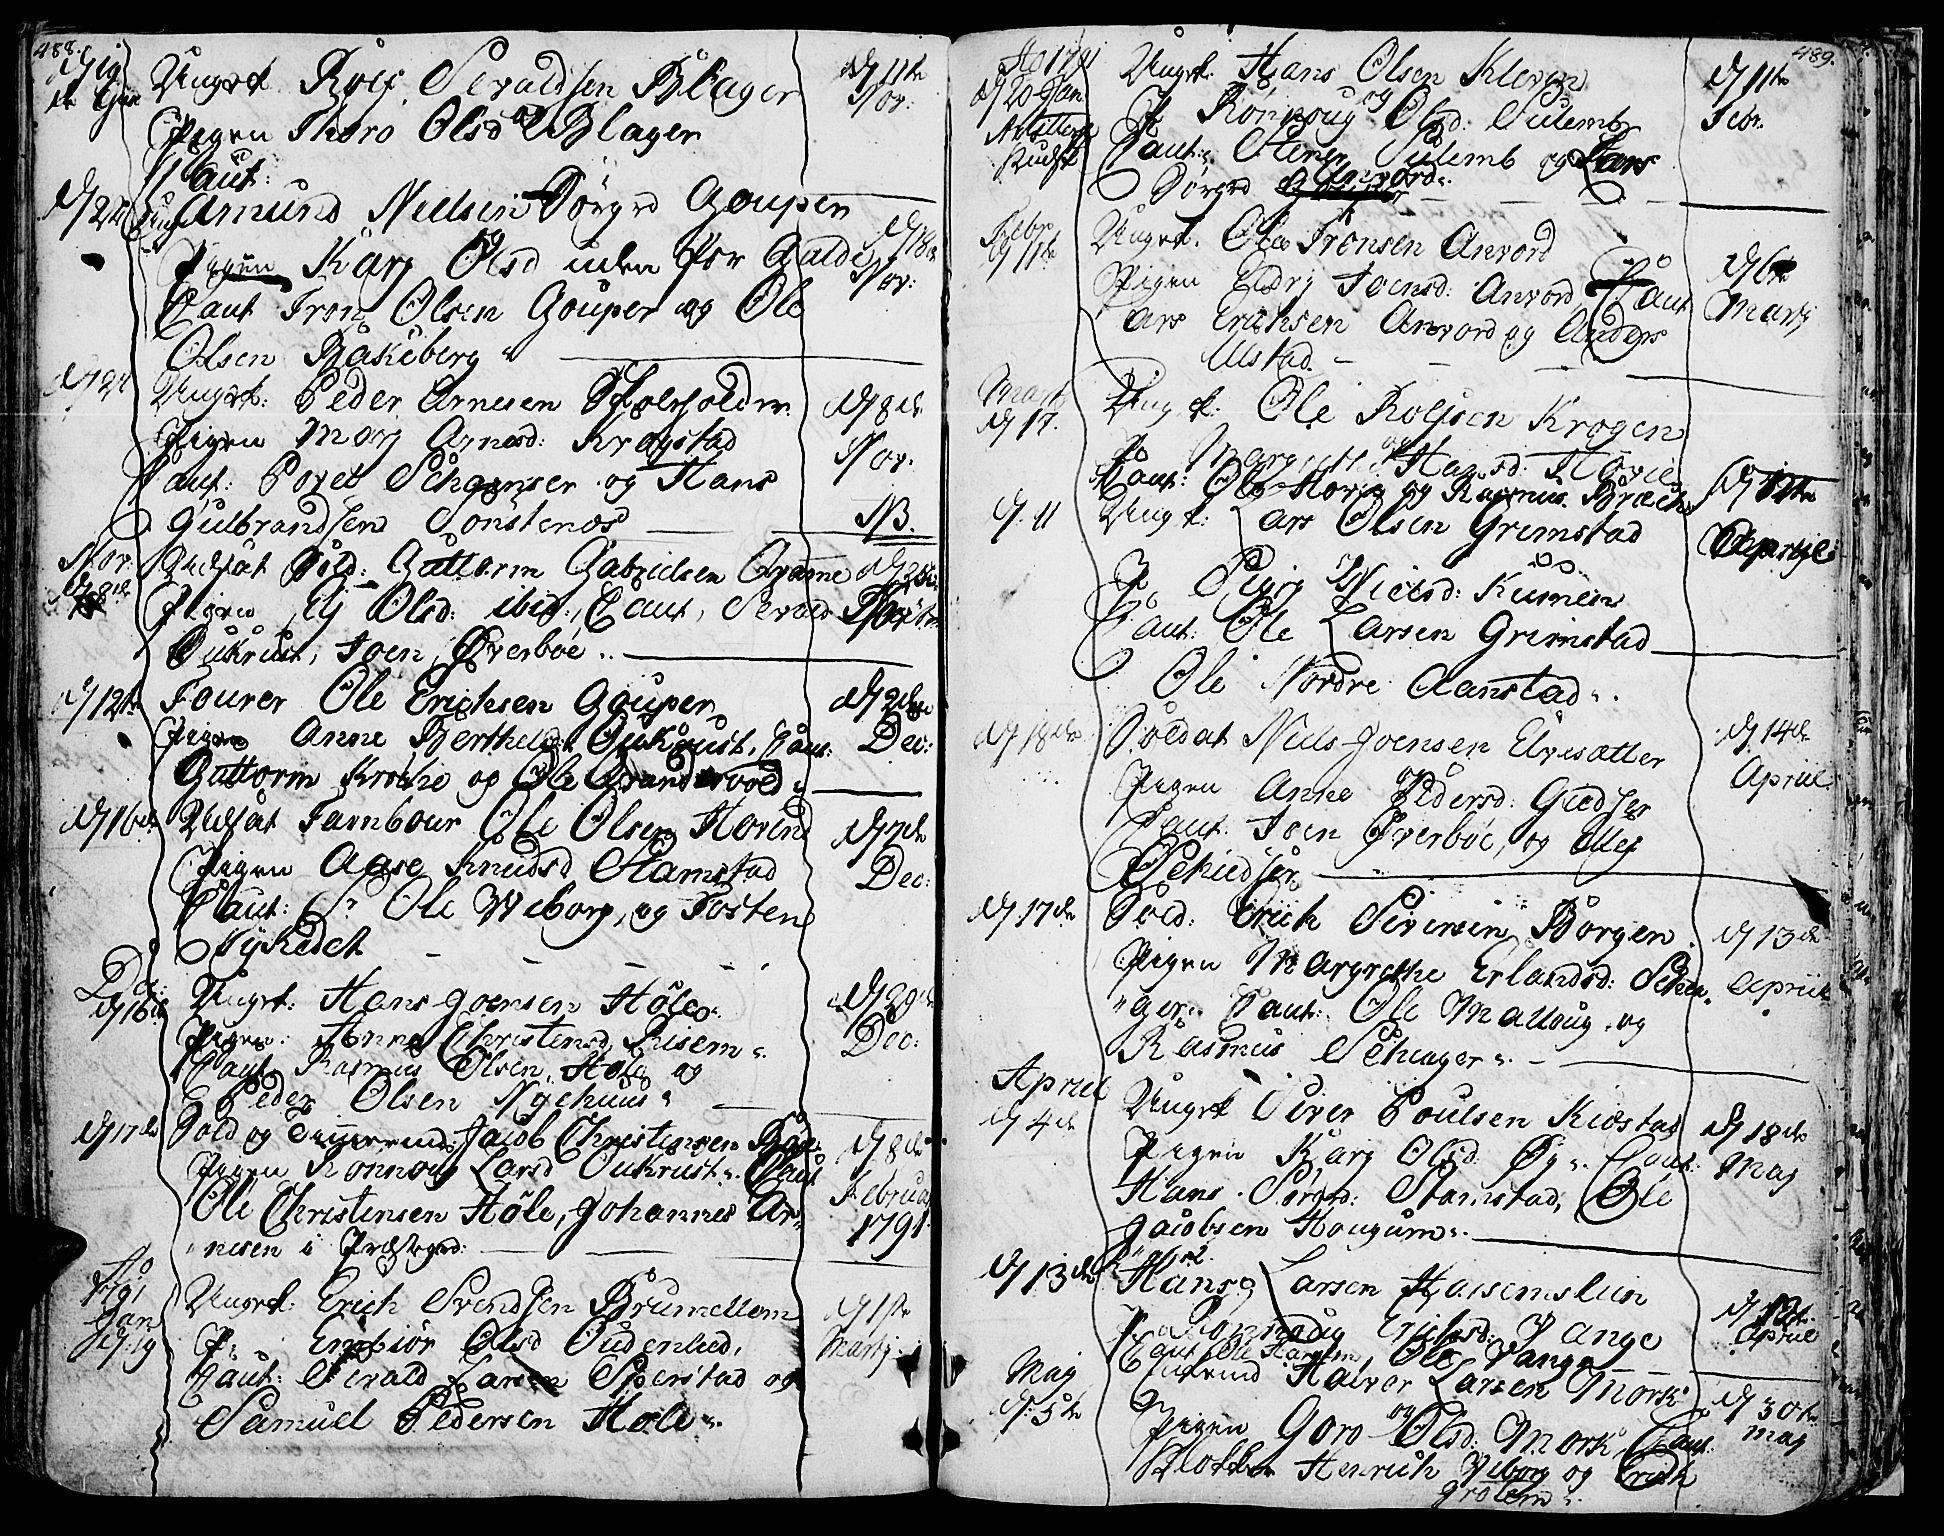 SAH, Lom prestekontor, K/L0002: Ministerialbok nr. 2, 1749-1801, s. 488-489